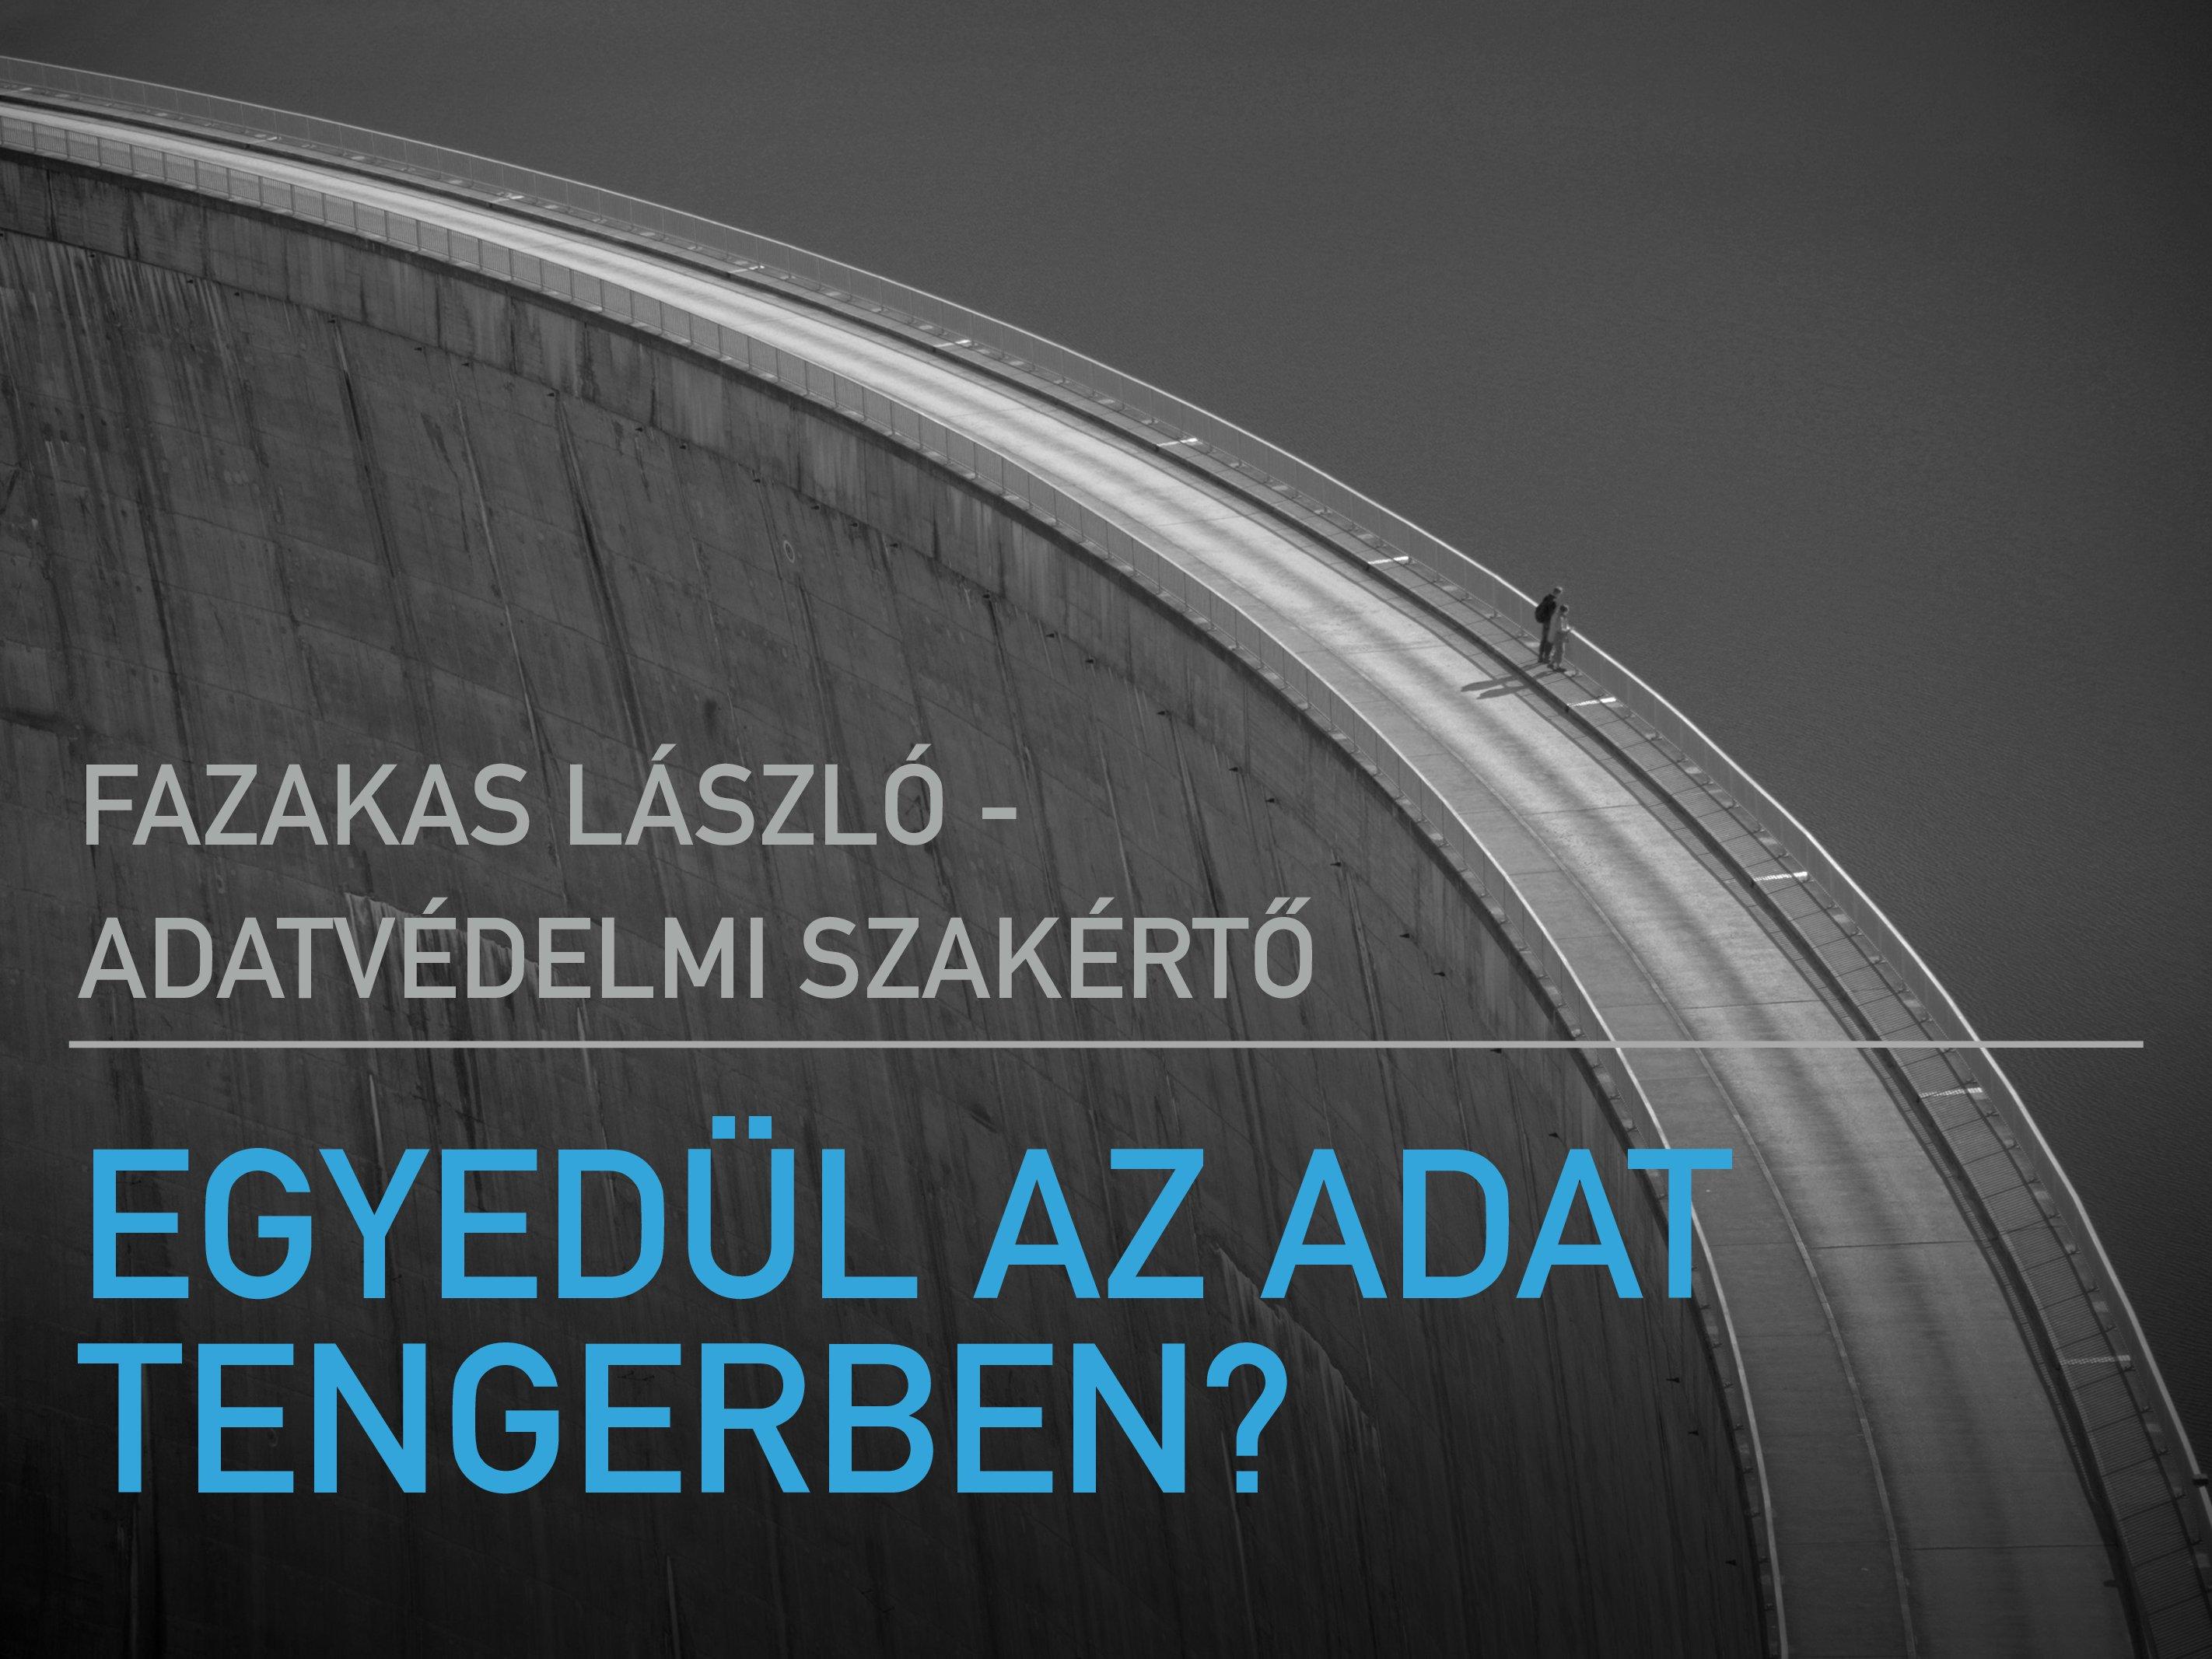 gdpr_prezenta_ci_fazakas_l_szl_000.jpg